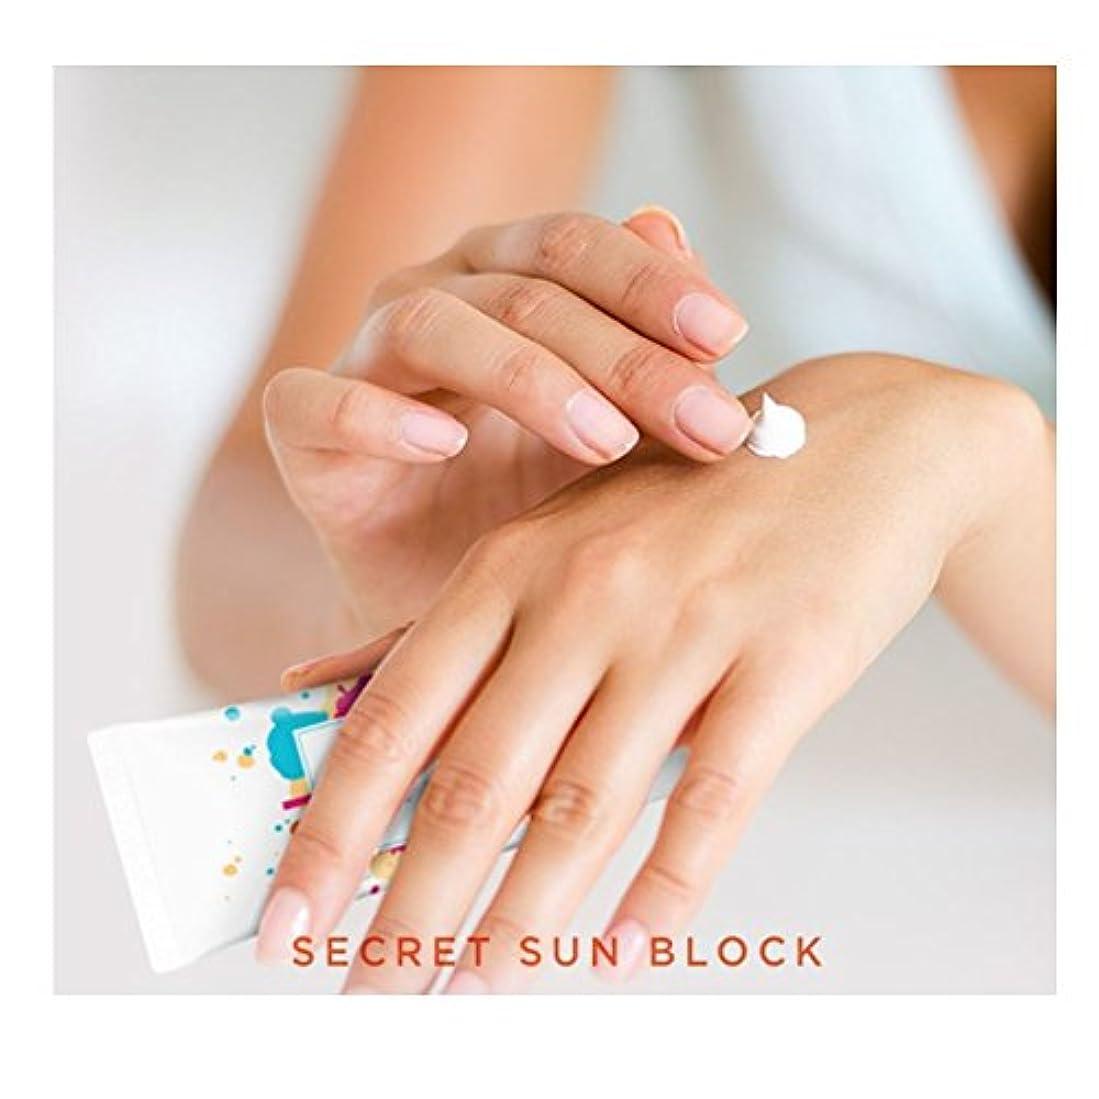 置くためにパック泥わざわざボンツリーベリー?エッセンス?サンブルロク(SPF50+/PA+++) 50ml x 2本セット サンクリーム 韓国コスメ, Borntree Berry Essence Sun Block (SPF50+/PA+++)...